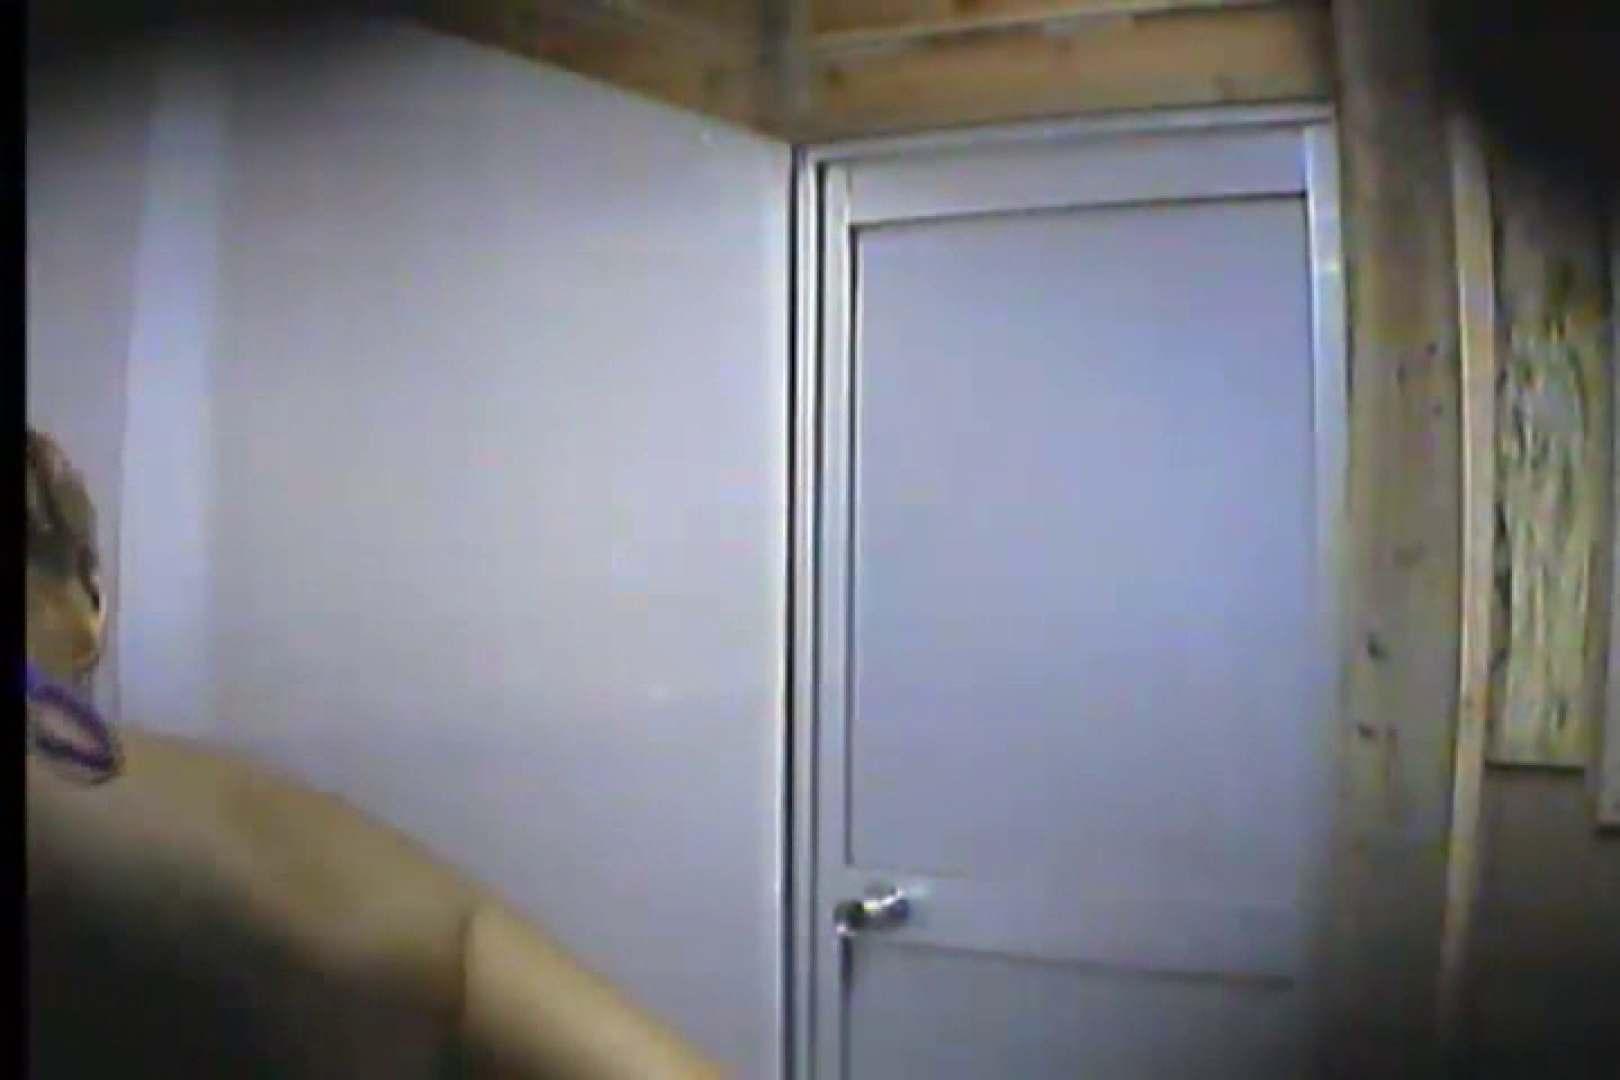 海の家の更衣室 Vol.20 日焼けした女たち 性交動画流出 100画像 47